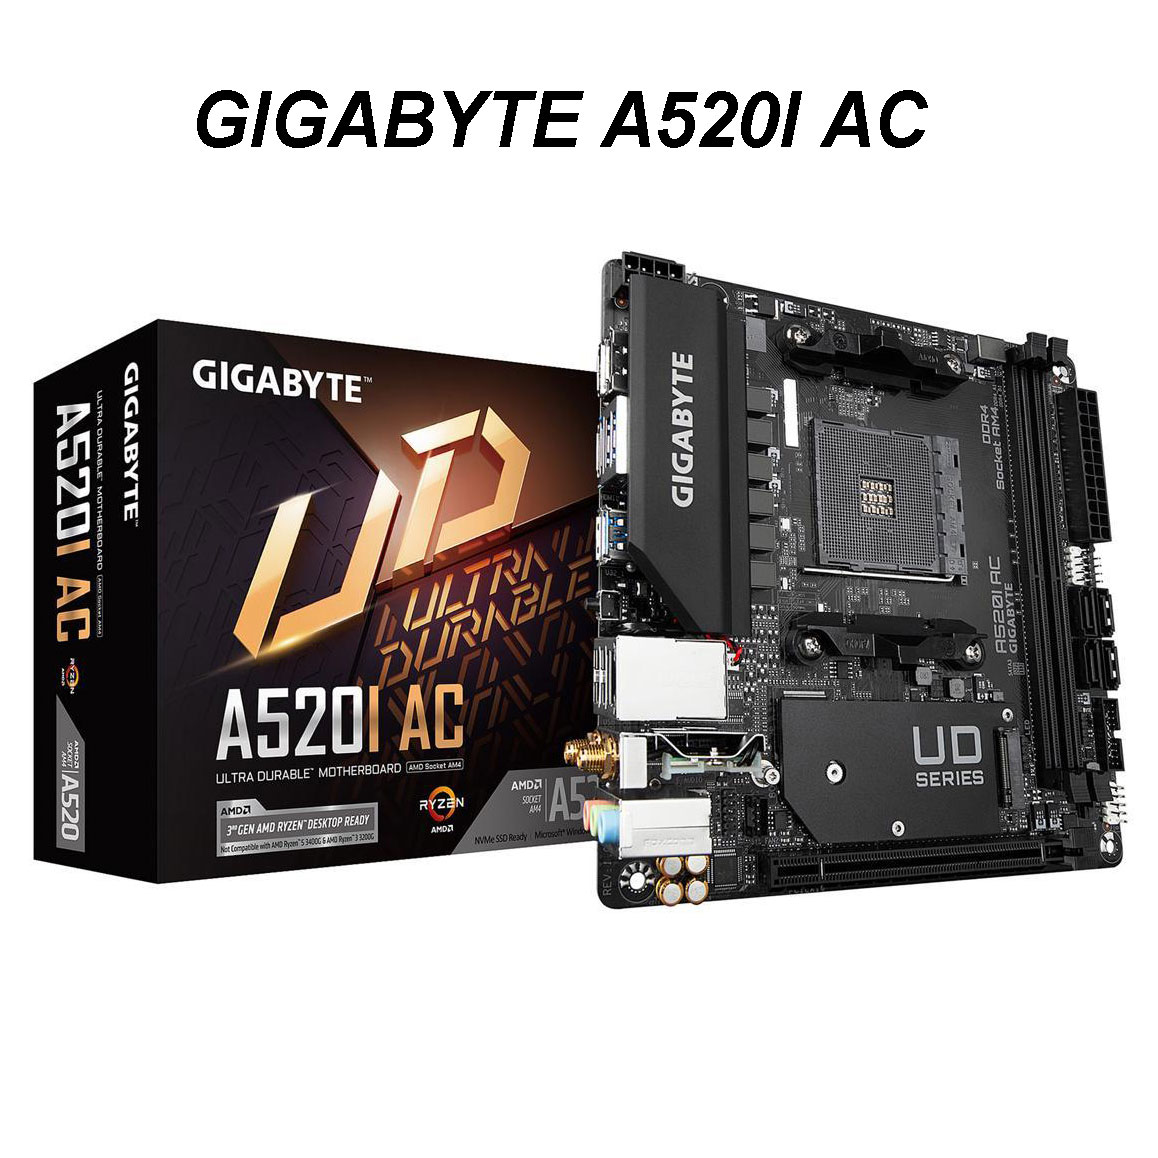 Gigabyte a520i ac placa-mãe mitx am4 nvme pcie 3.0x4 m.2, 3 interfaces de exibição, q-flash plus, fusão rgb 2.0